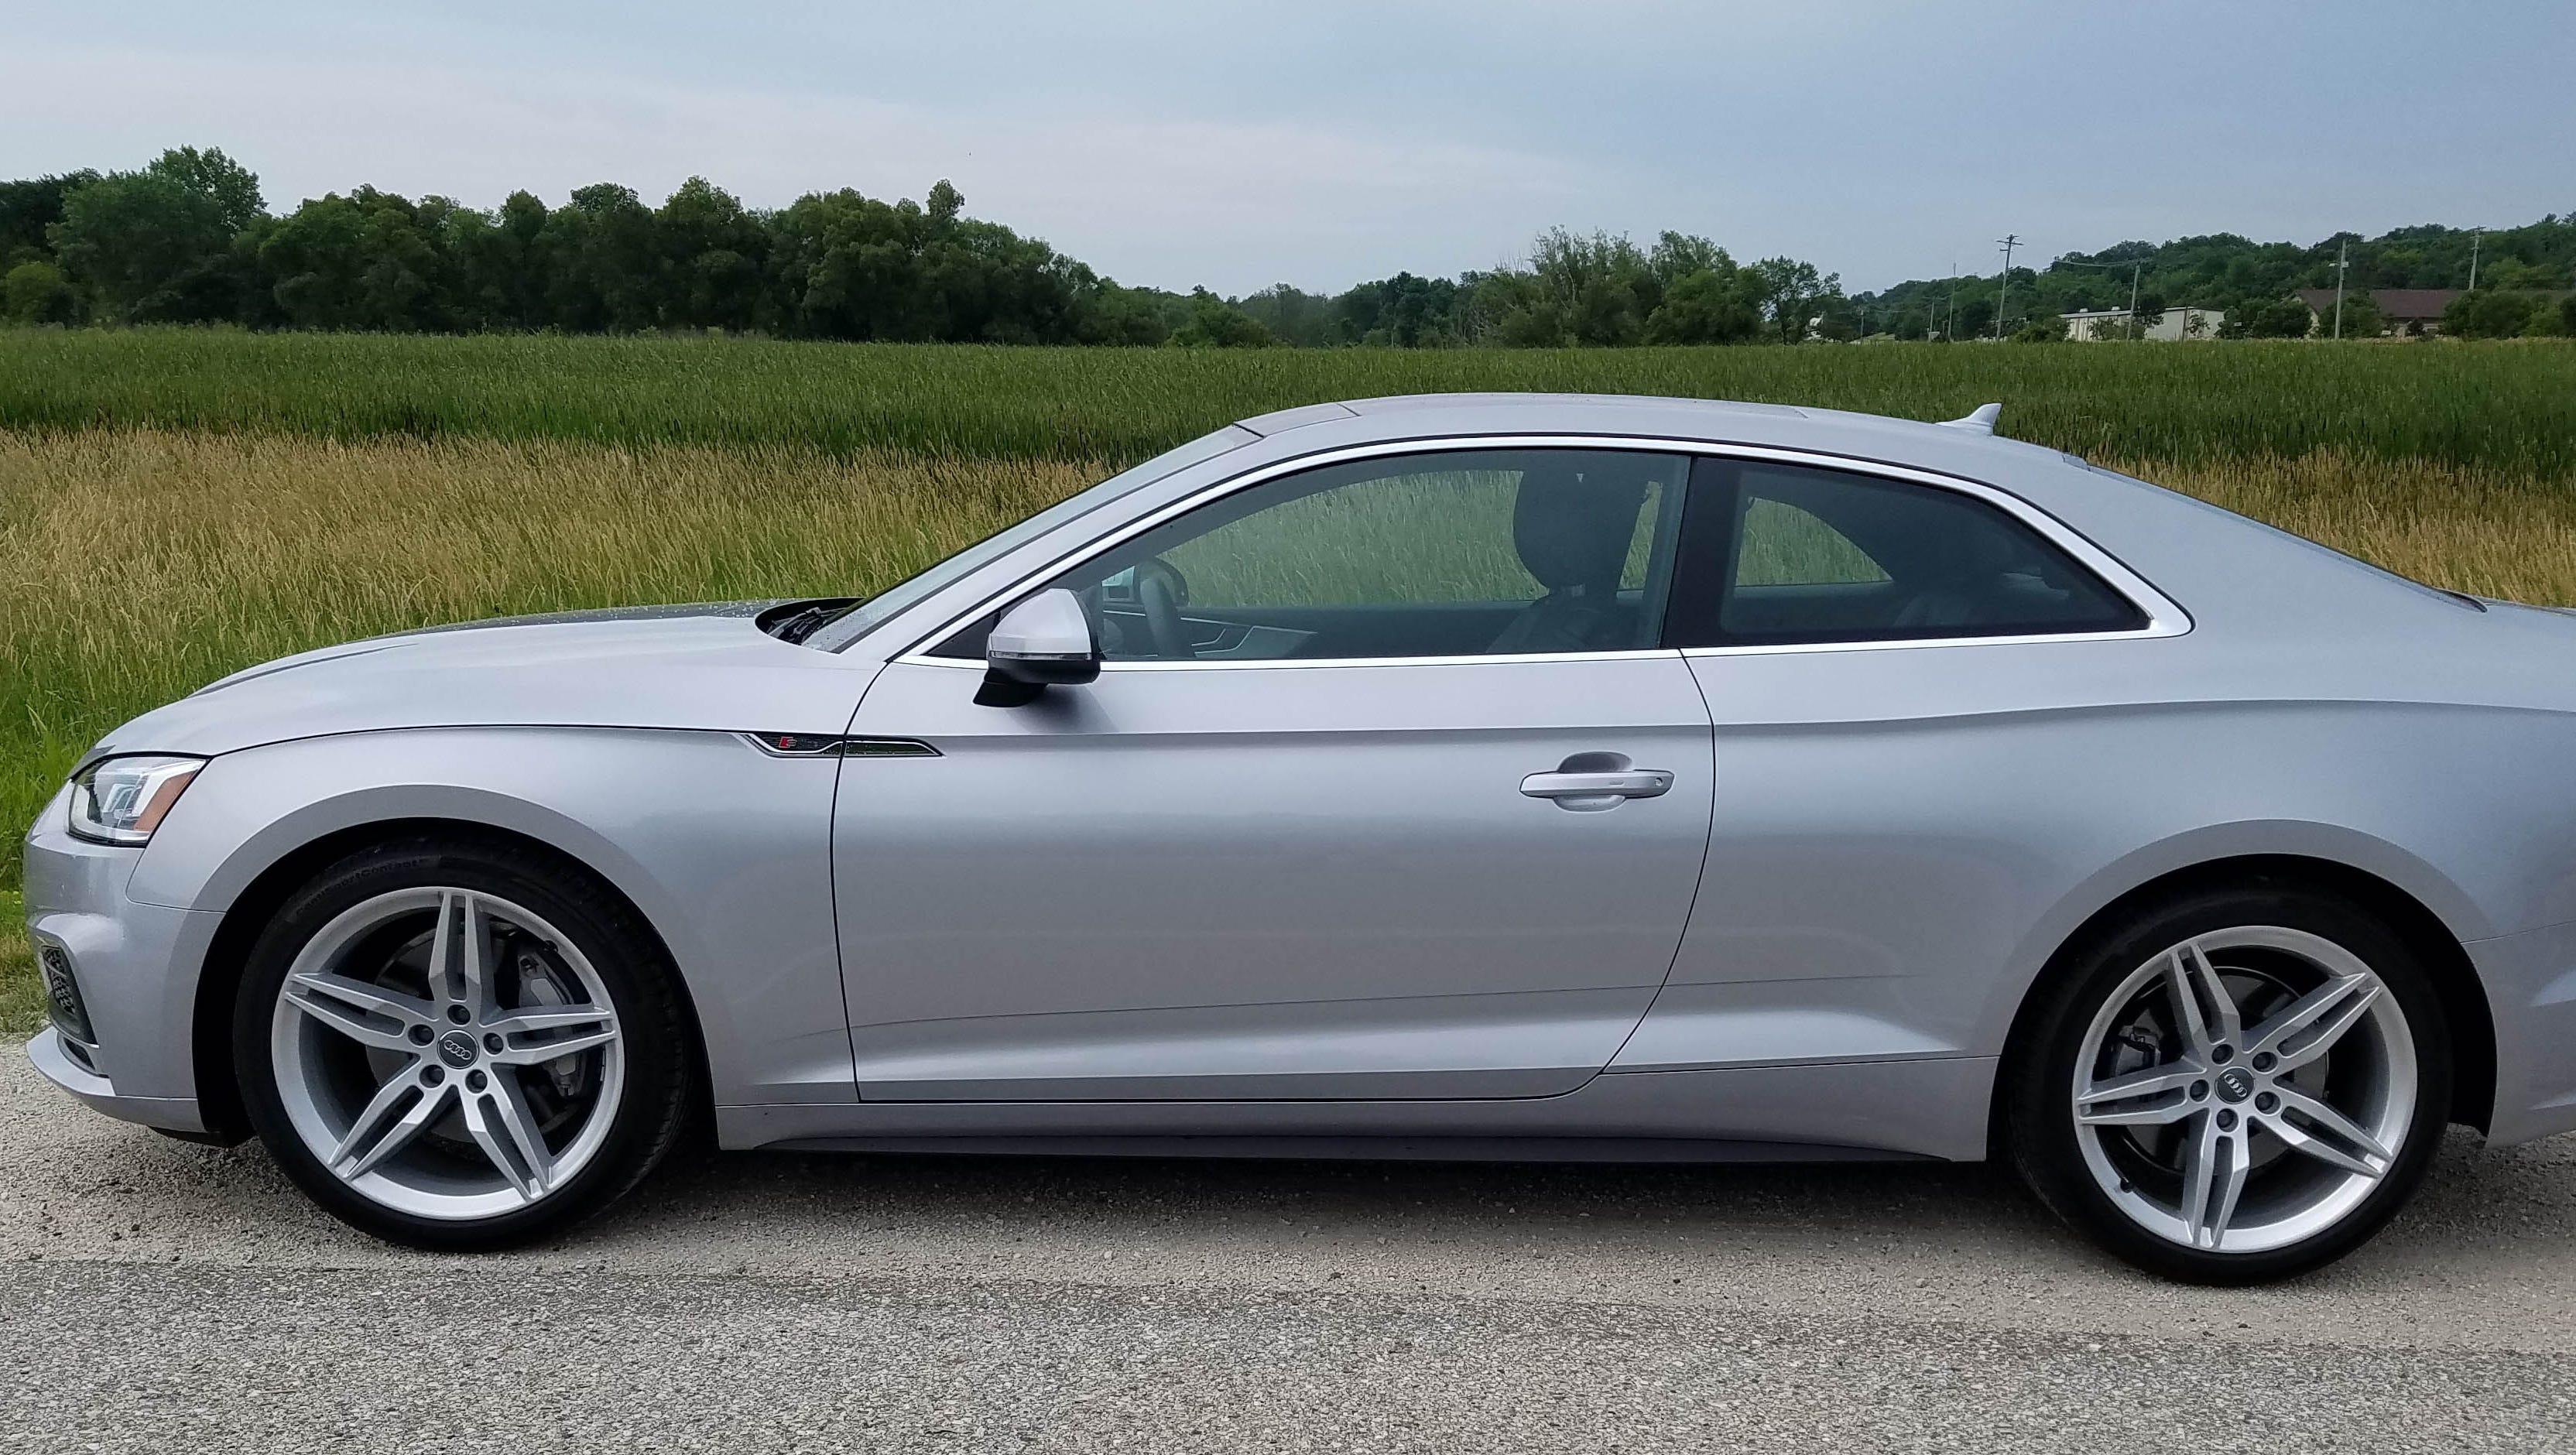 Kelebihan Audi Coupe Murah Berkualitas